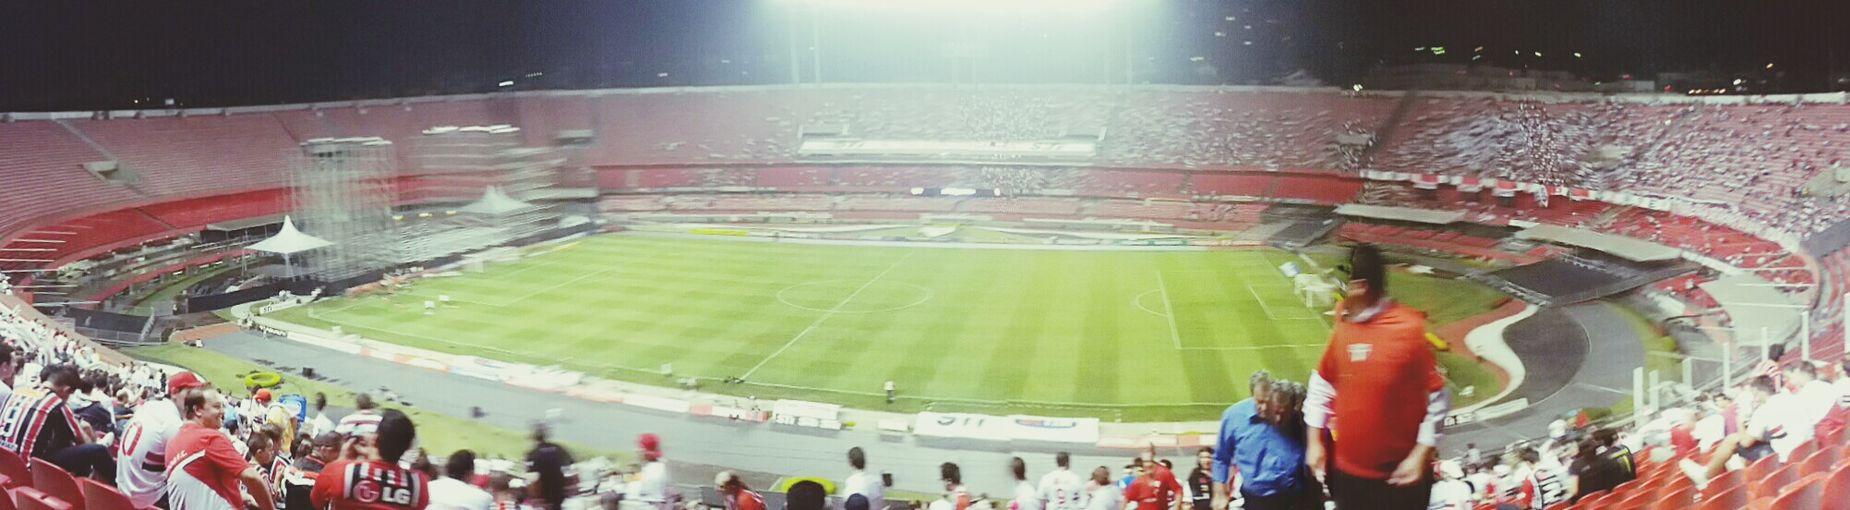 Estádios Soccer Stadium São Paulo Futebol Clube